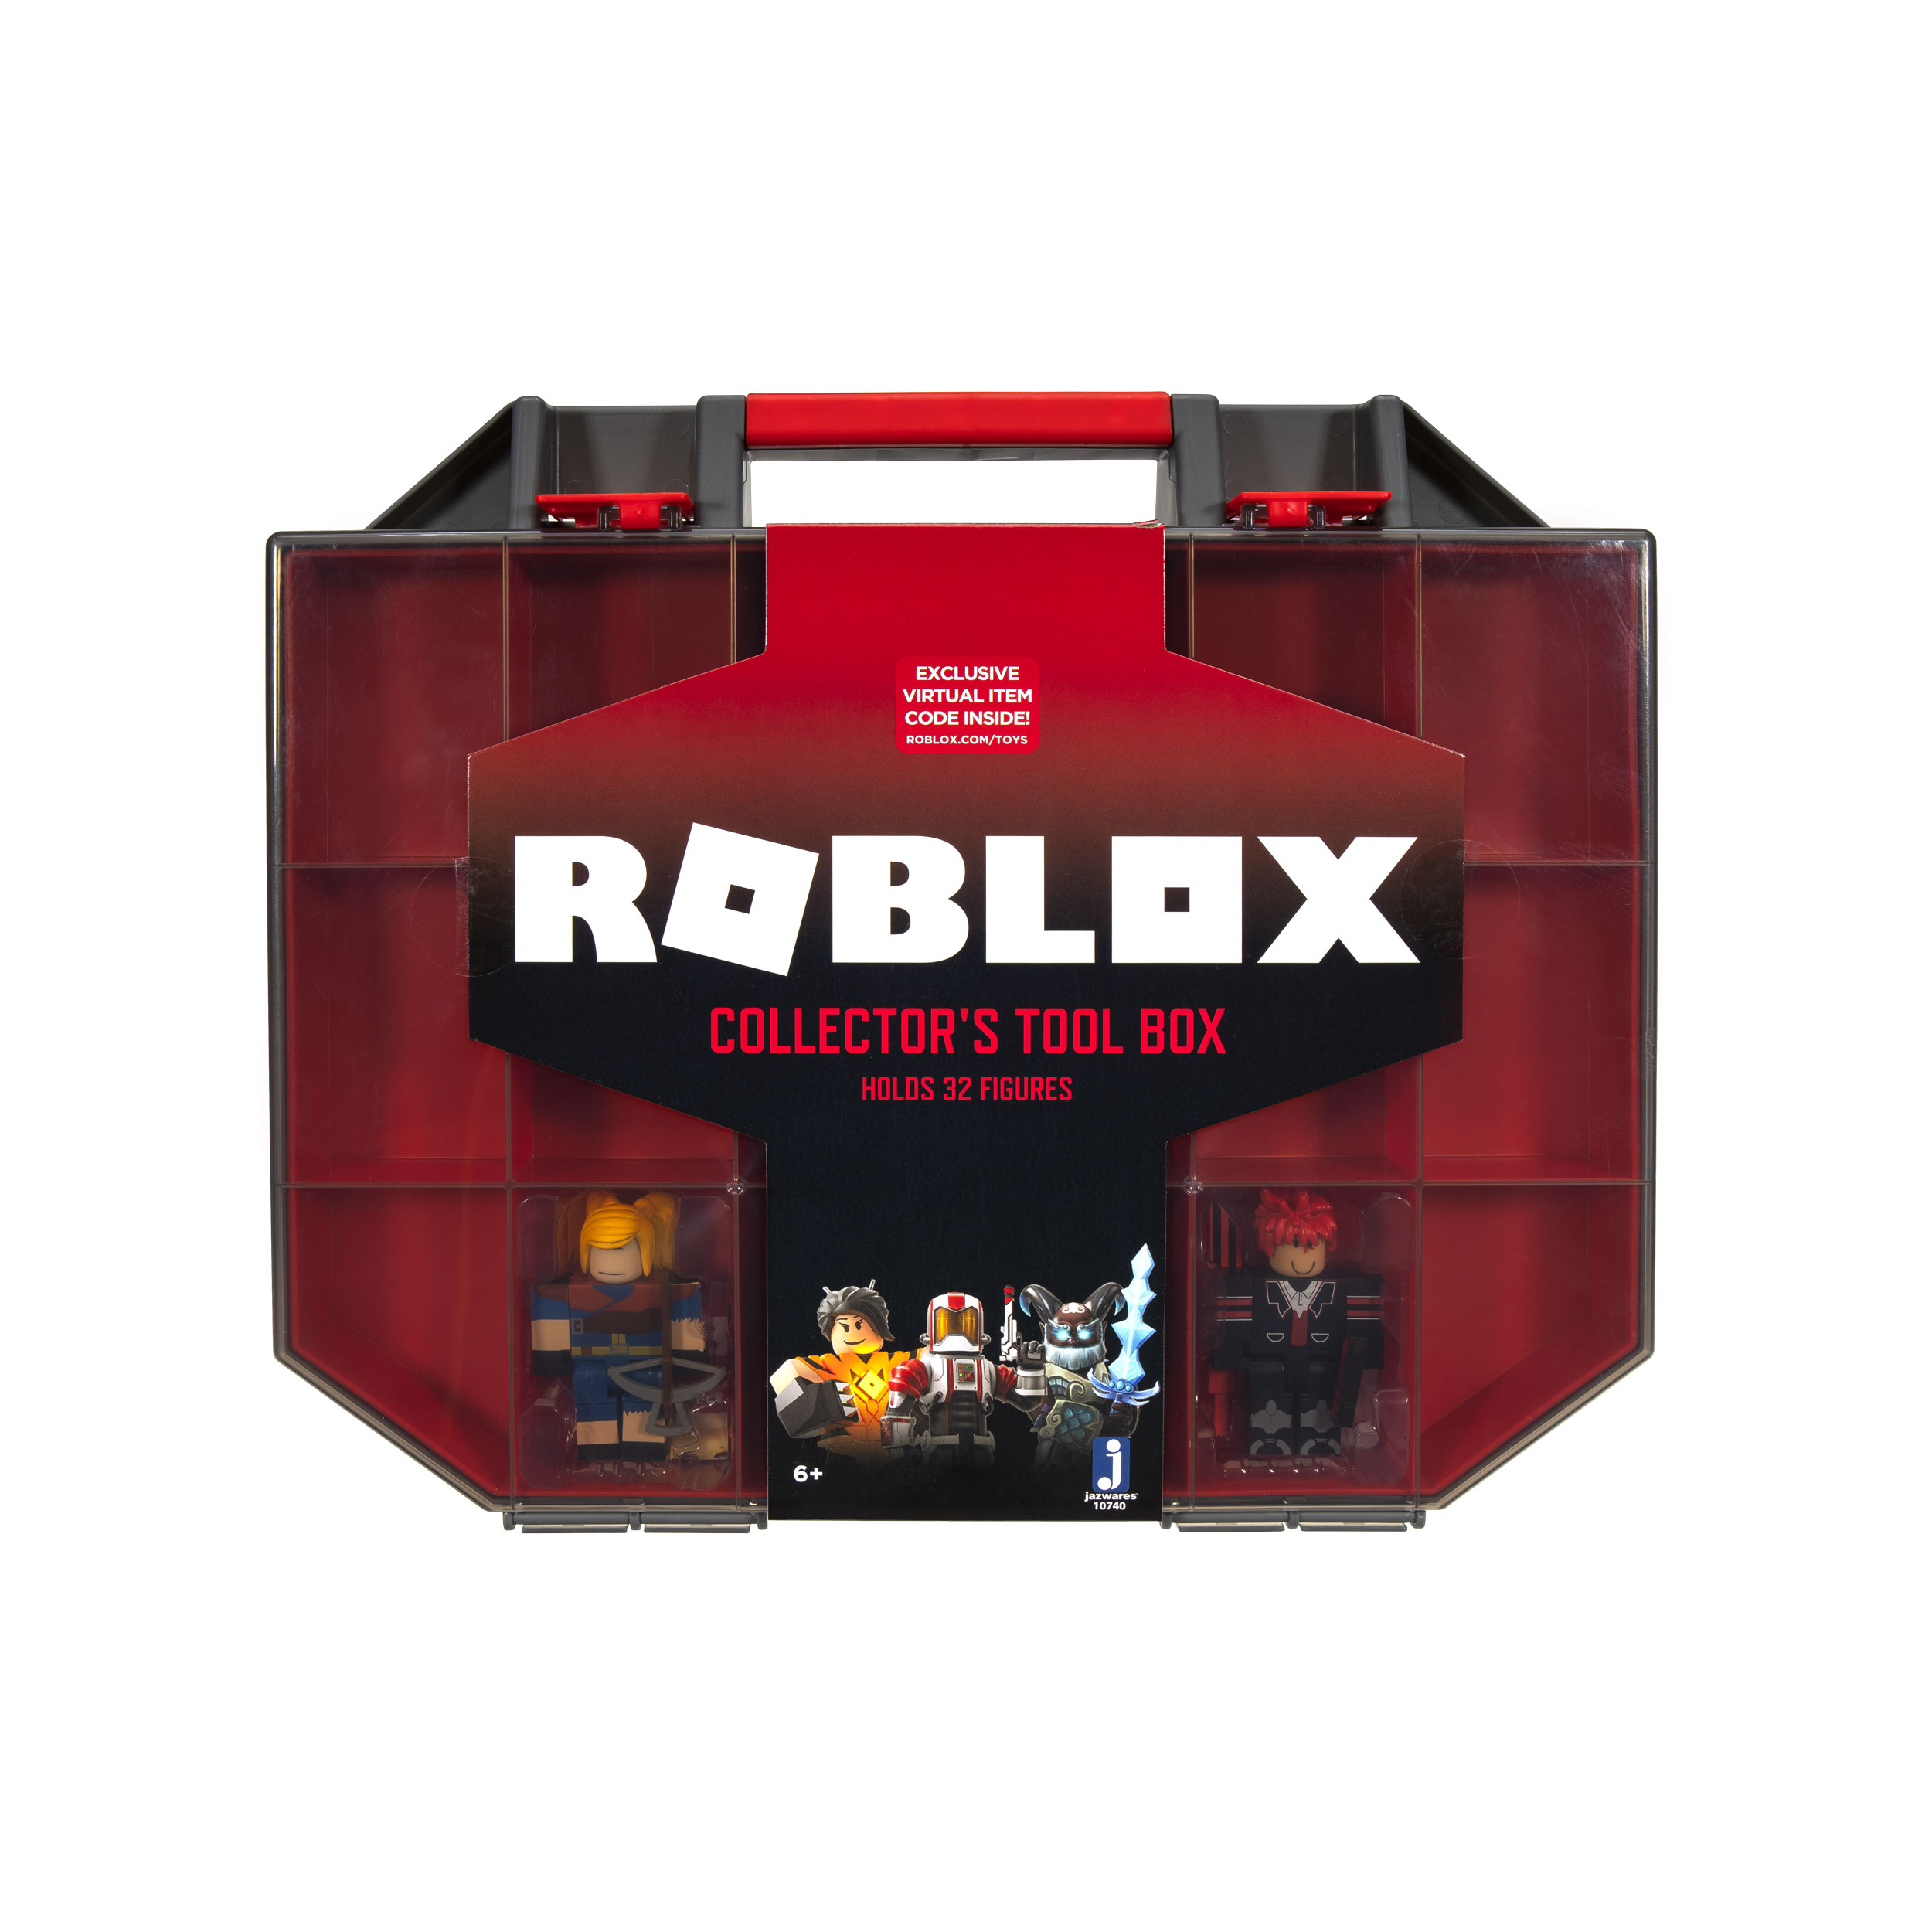 Roblox Collectors Tool Box Walmart Com Walmart Com